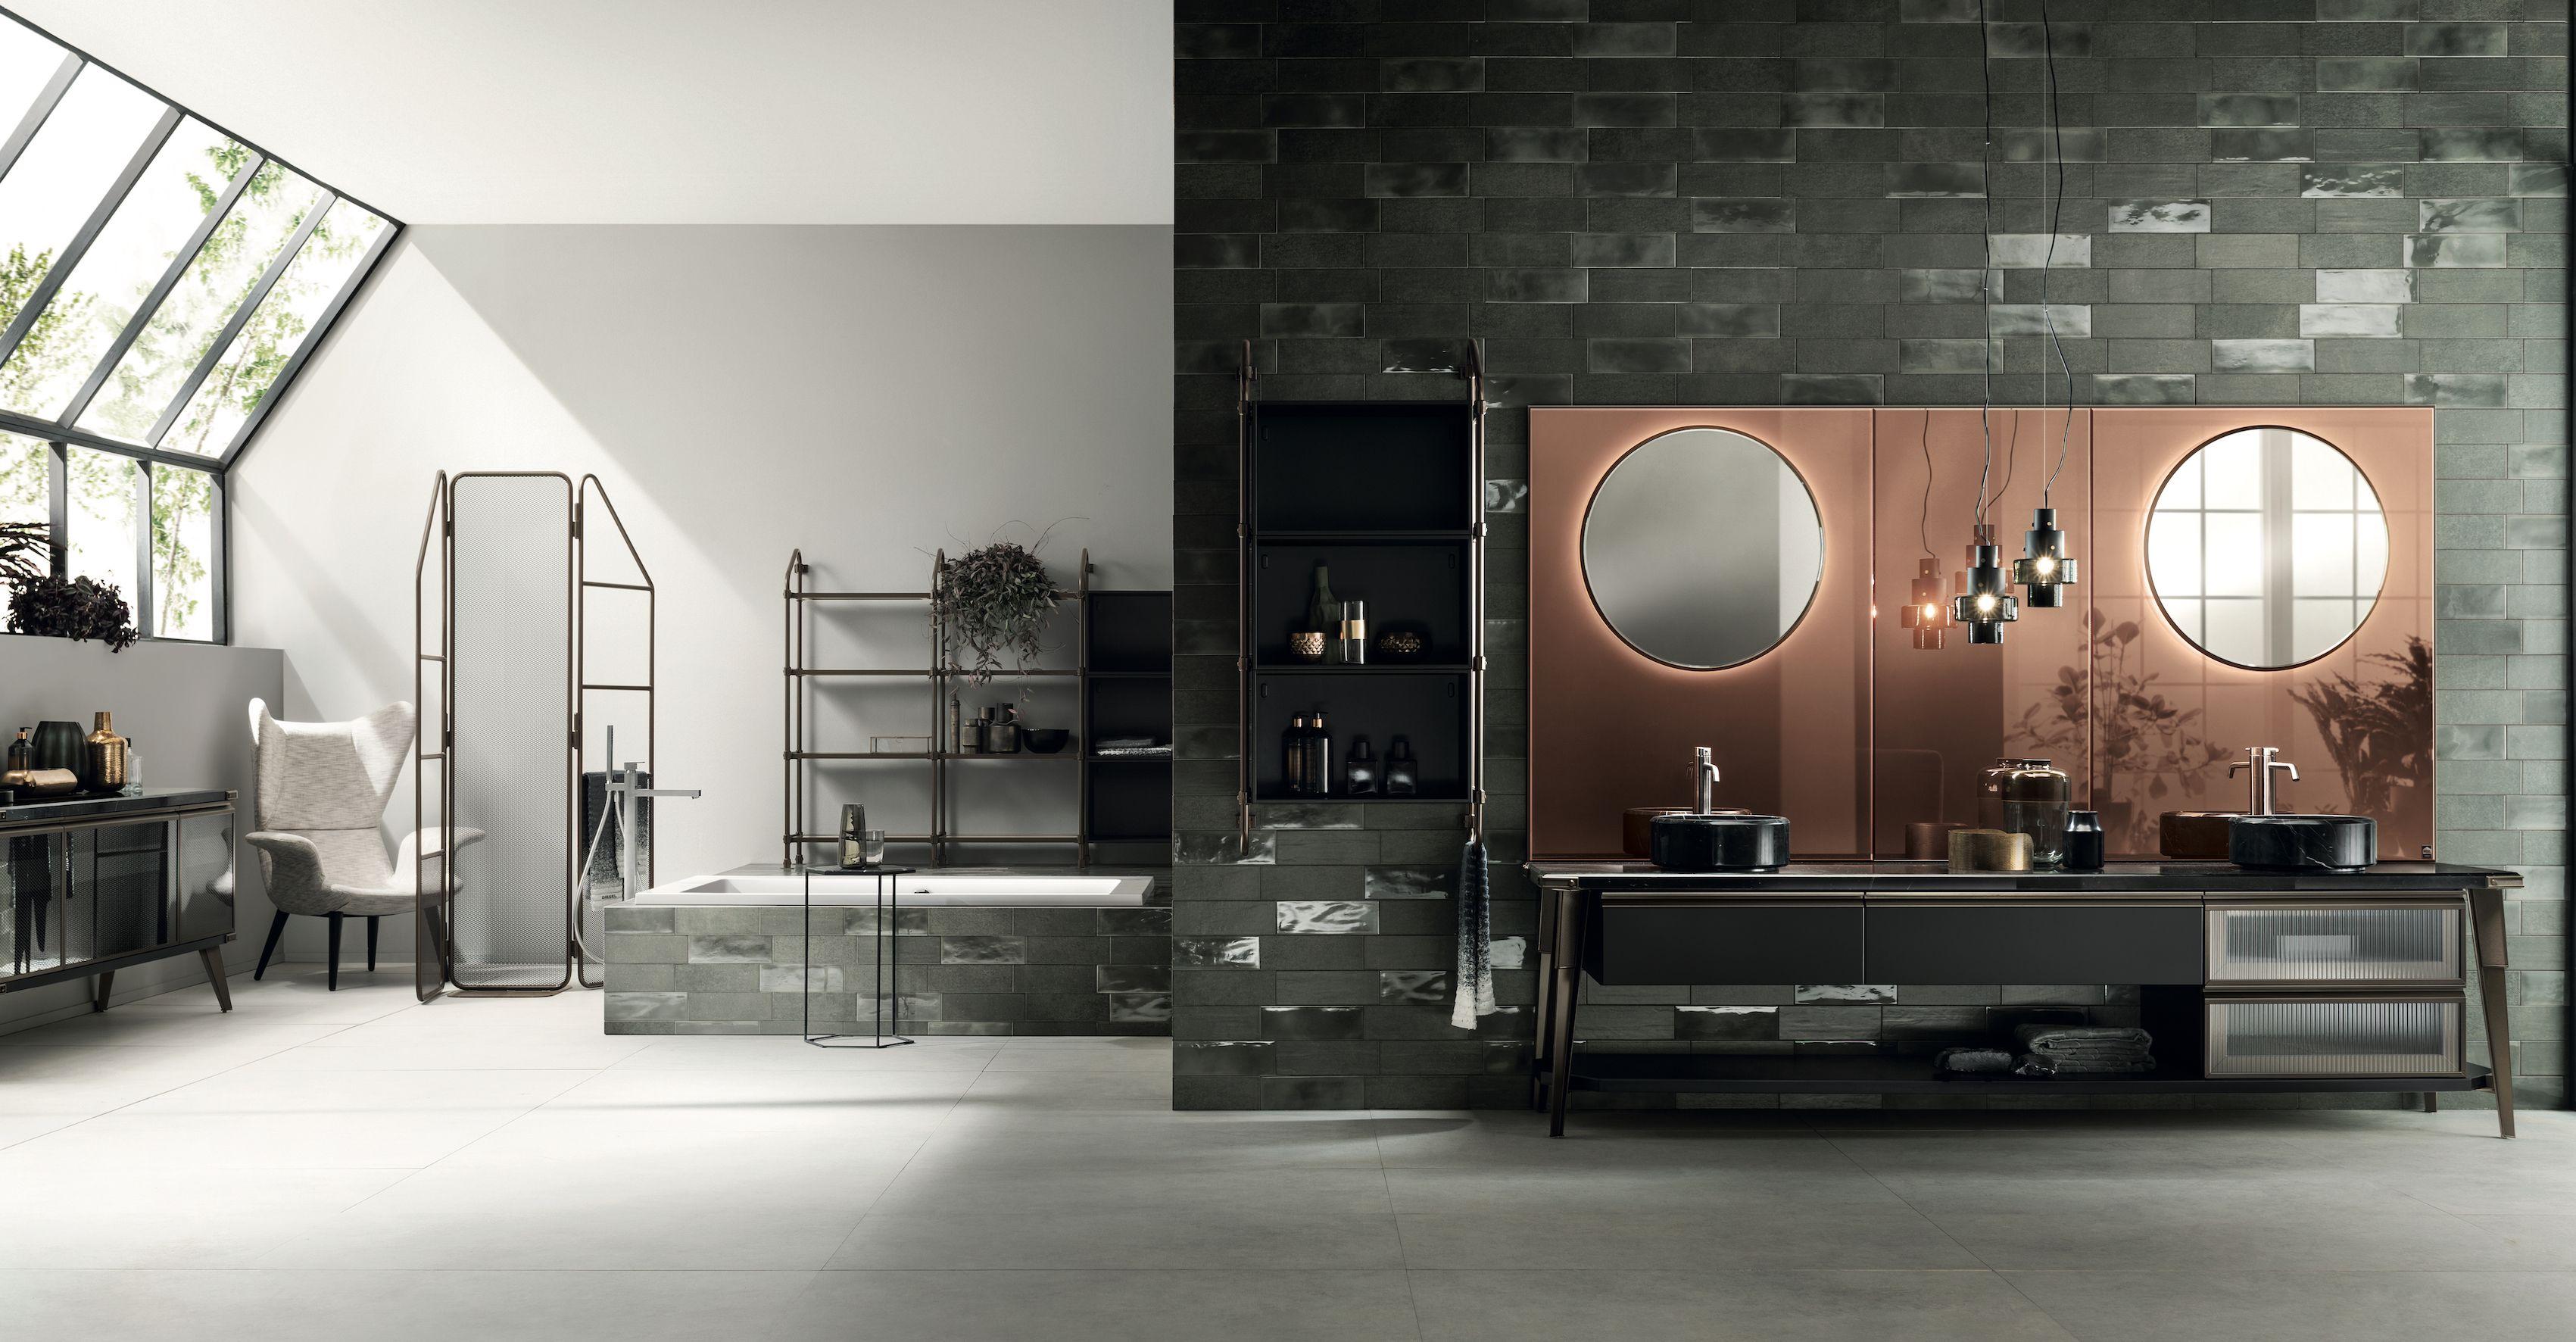 Piano Bagno In Ardesia : Speciale arredamento bagno